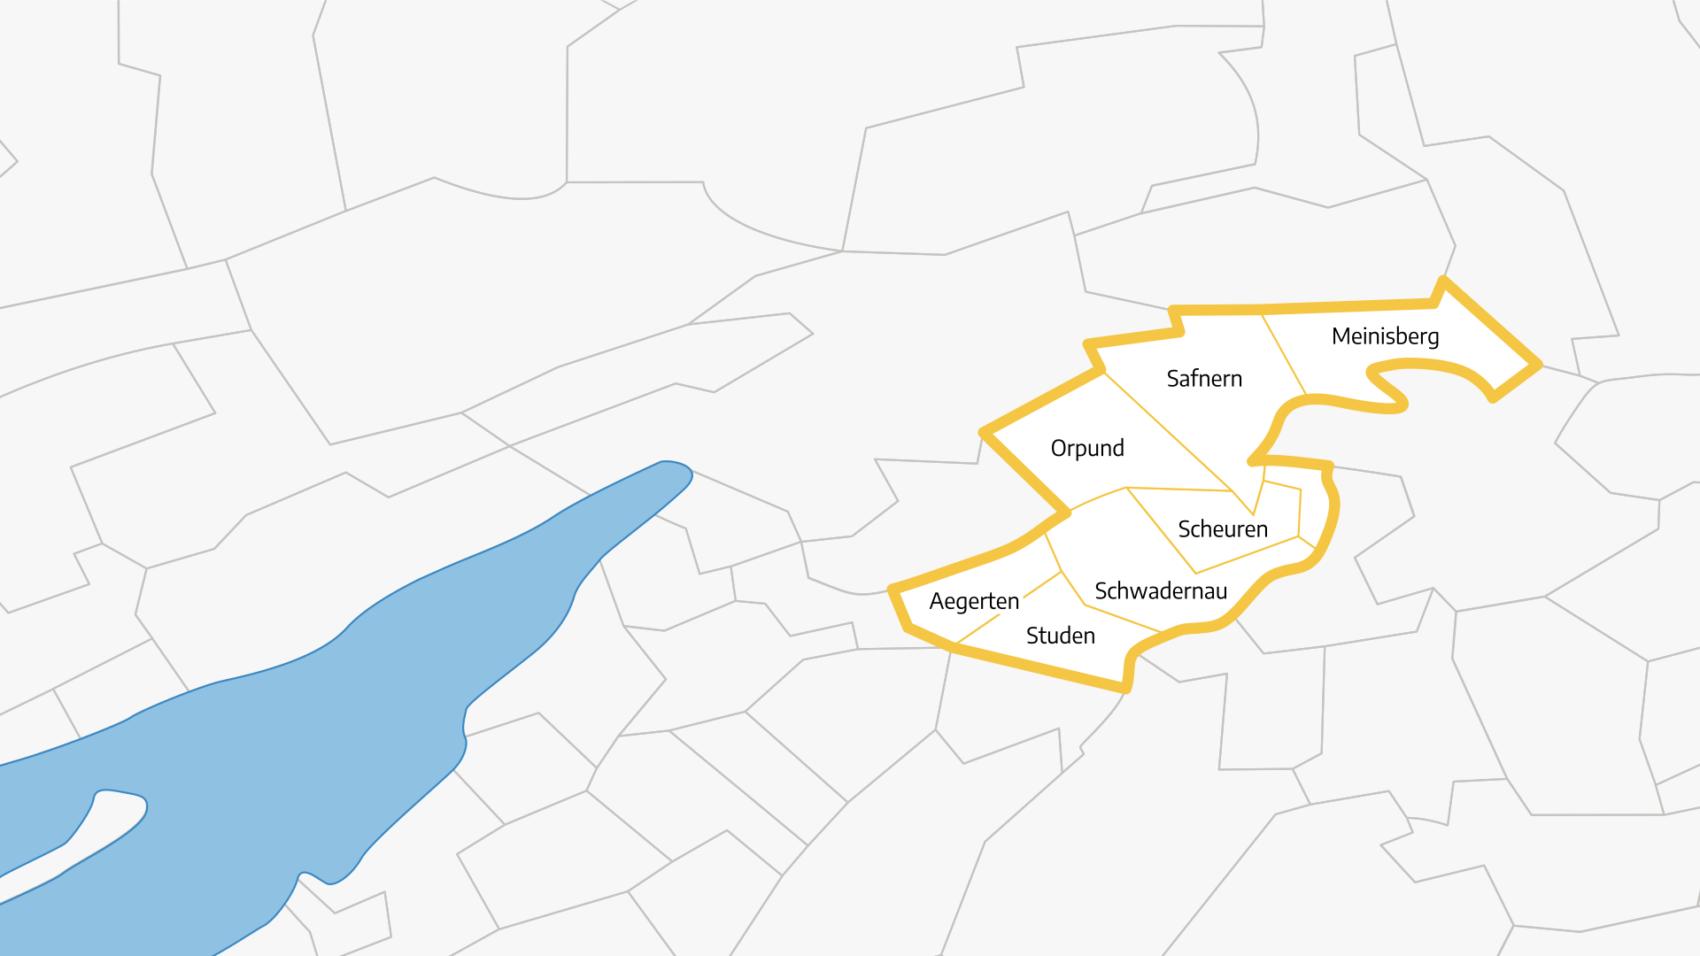 Karte des Einzugsgebiets der ARA Orpund